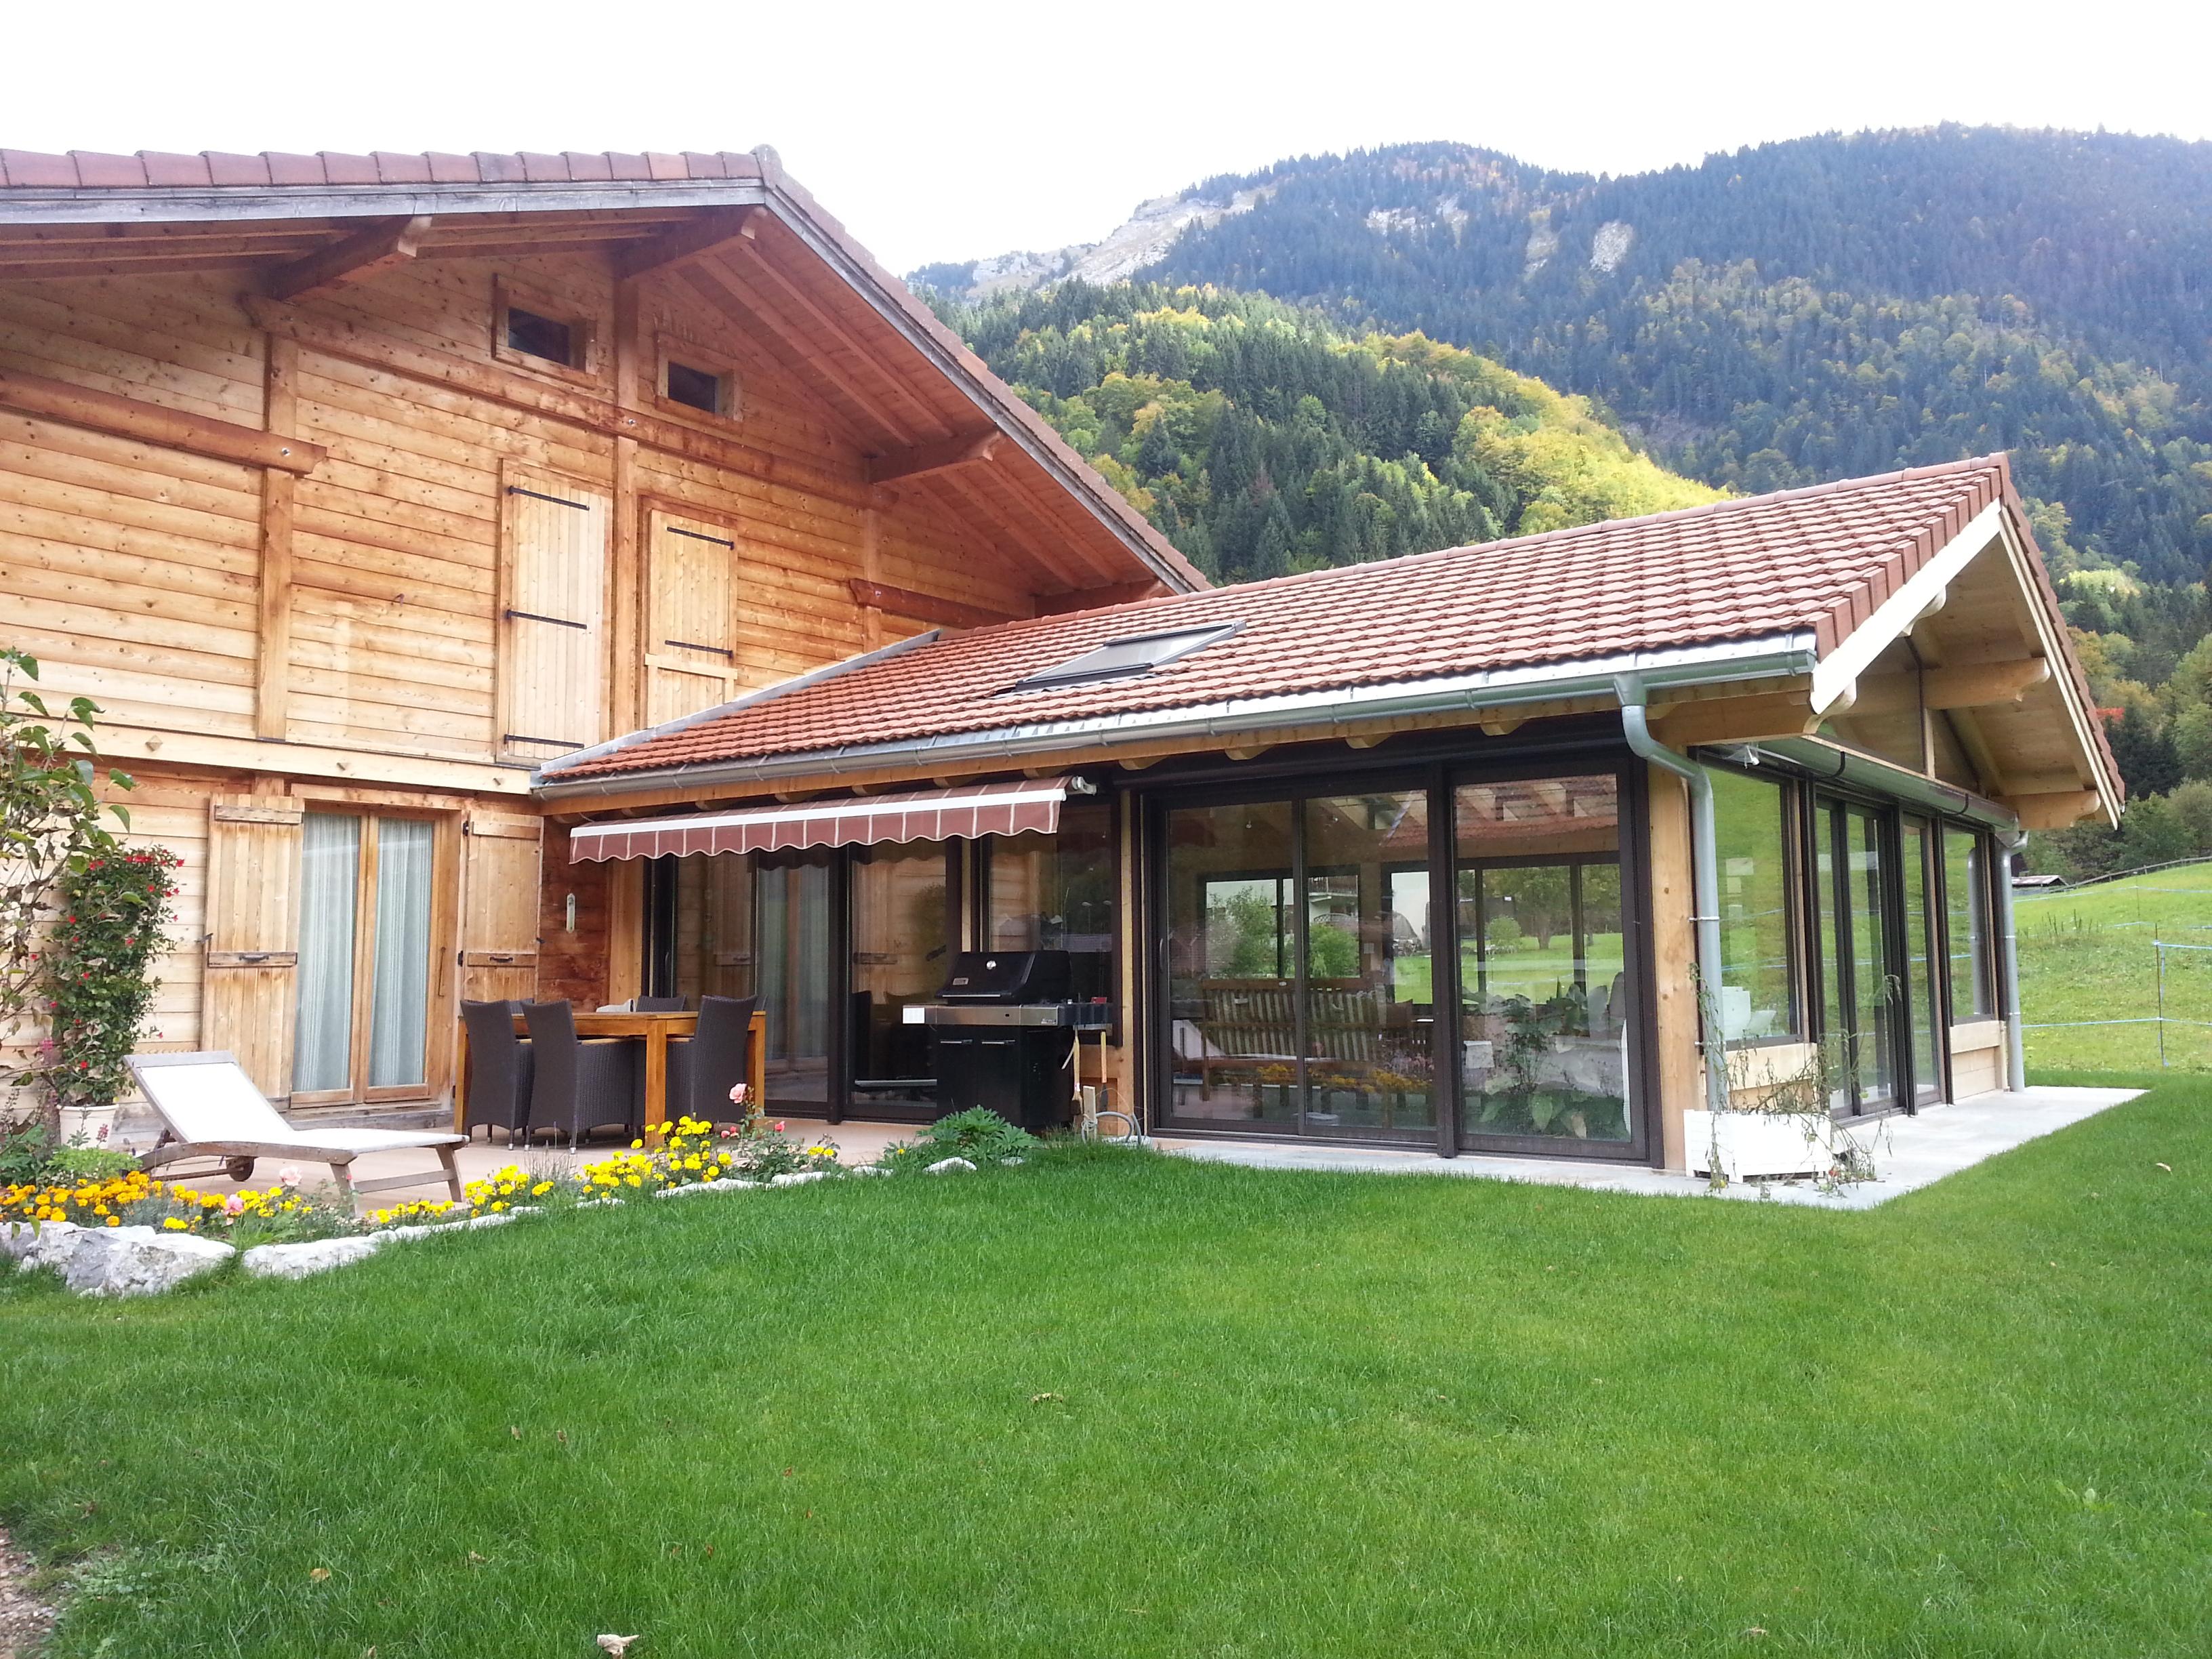 fabricant de veranda a la roche sur foron fabricant de verandas a bonneville fabricant de. Black Bedroom Furniture Sets. Home Design Ideas